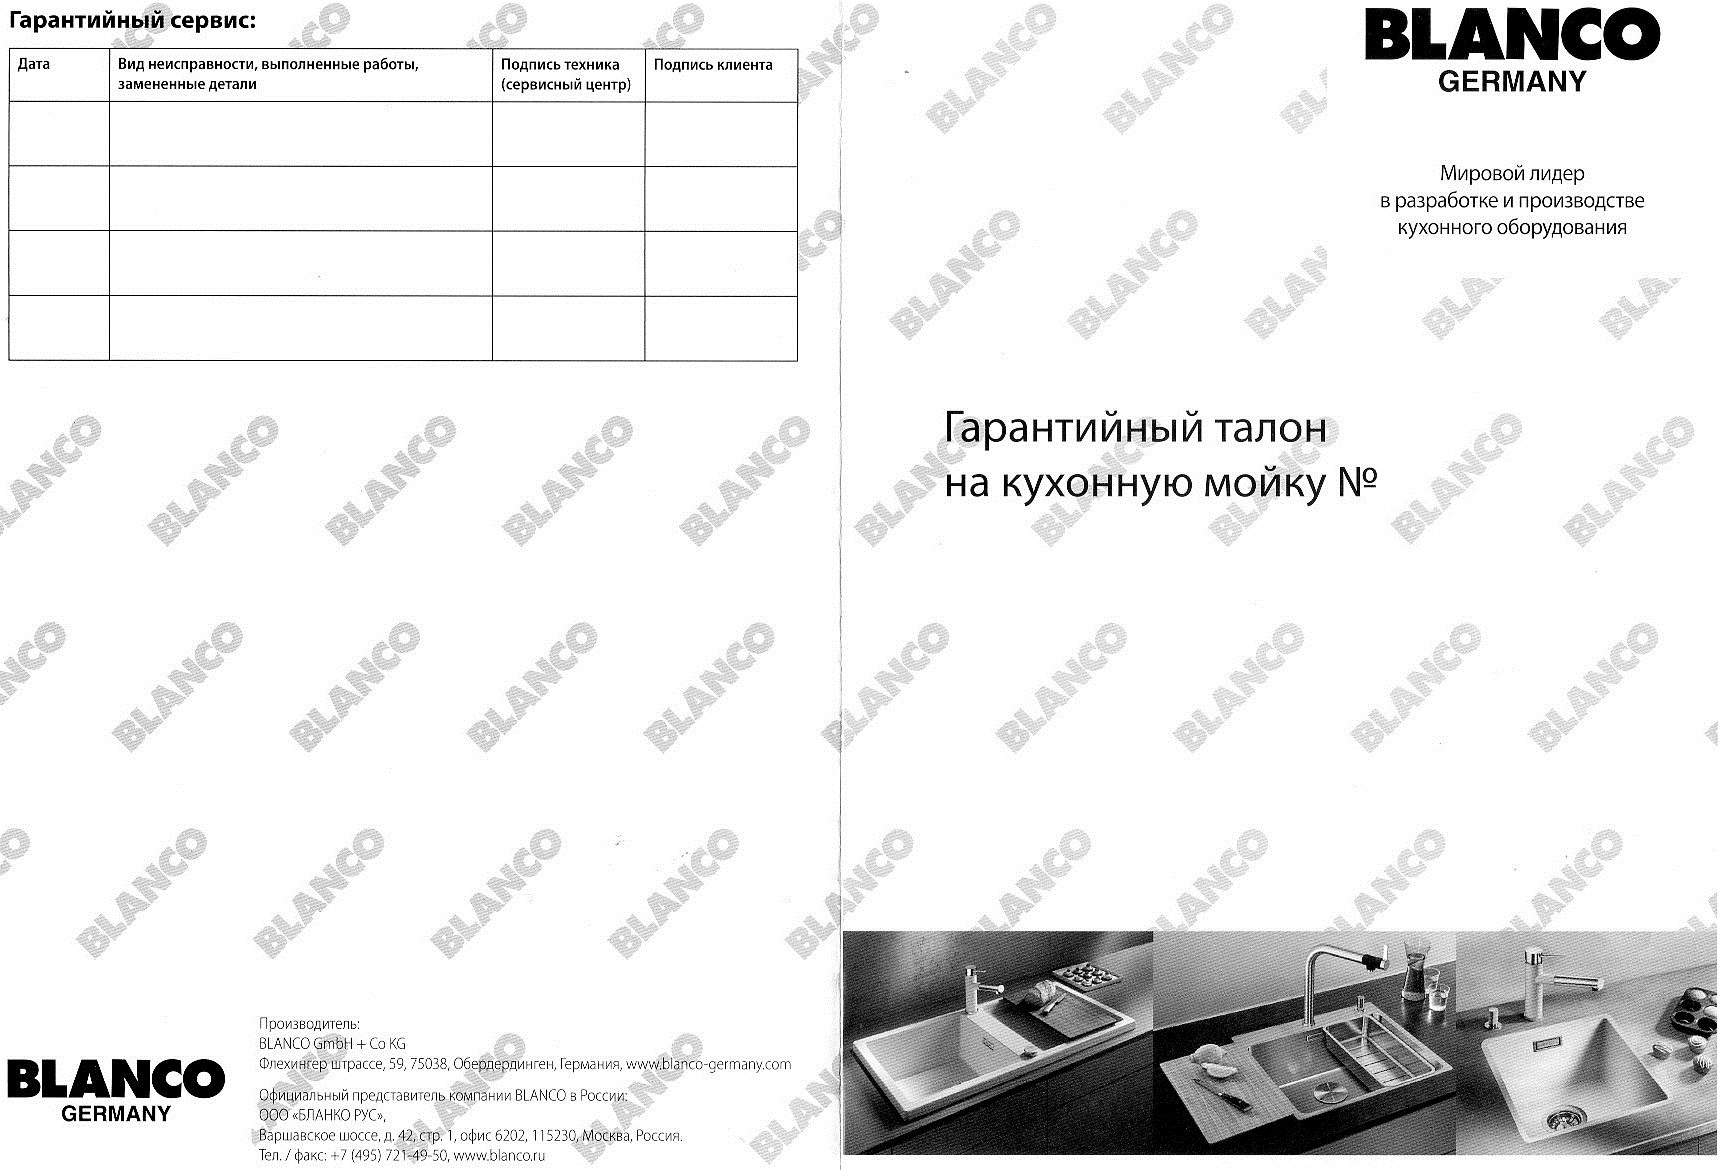 Купить мойку для кухни Blanco ELON XL 6 S с гарантийным талоном Blanco | blancohouse.ru